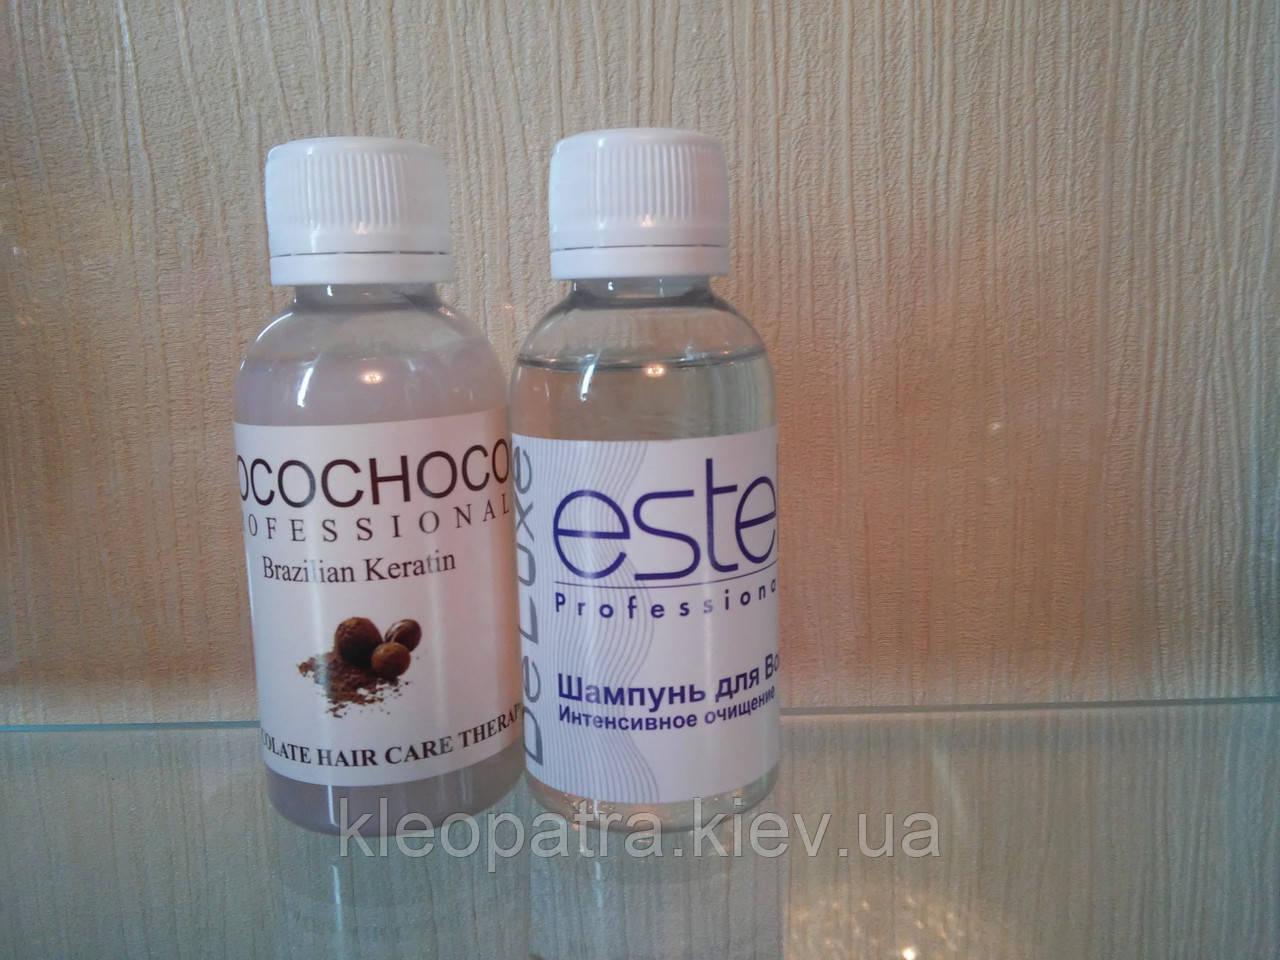 Набор для домашнего выравниания Cocochoco original 50мл и шампунь глубокой очистки Estel 50мл